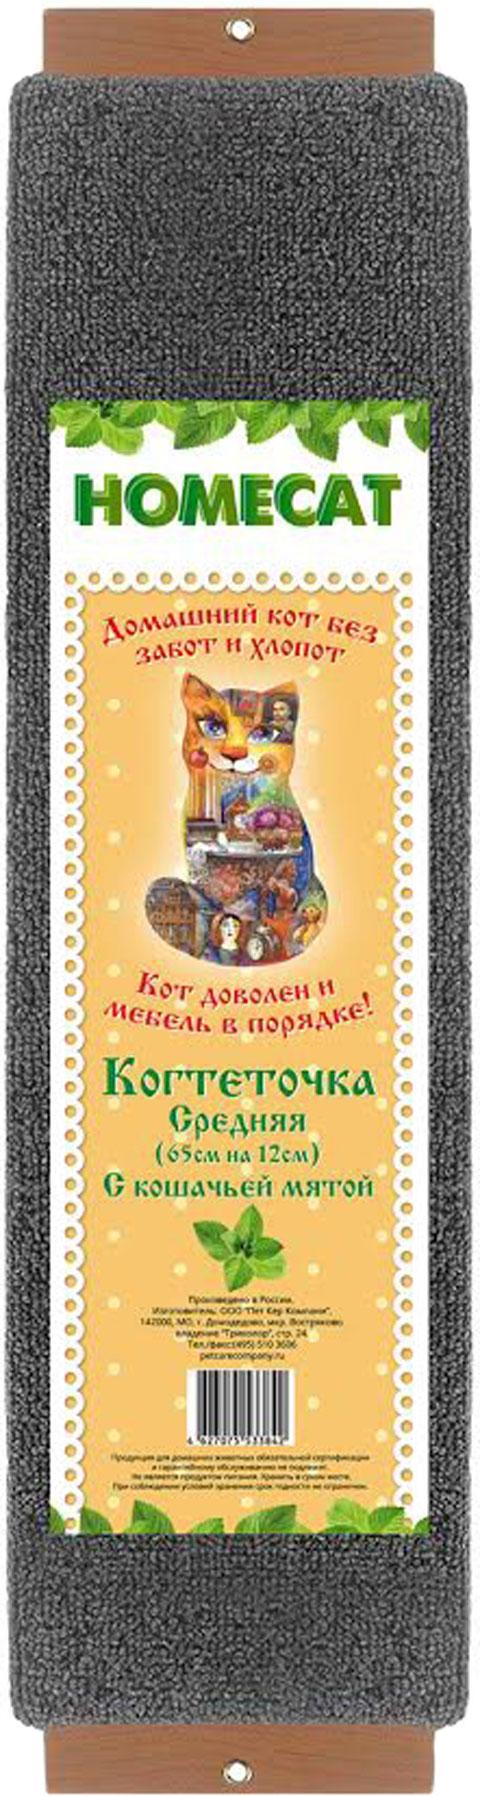 Homecat когтеточка ковровая с кошачьей мятой средняя 65 х 12 см (1 шт)